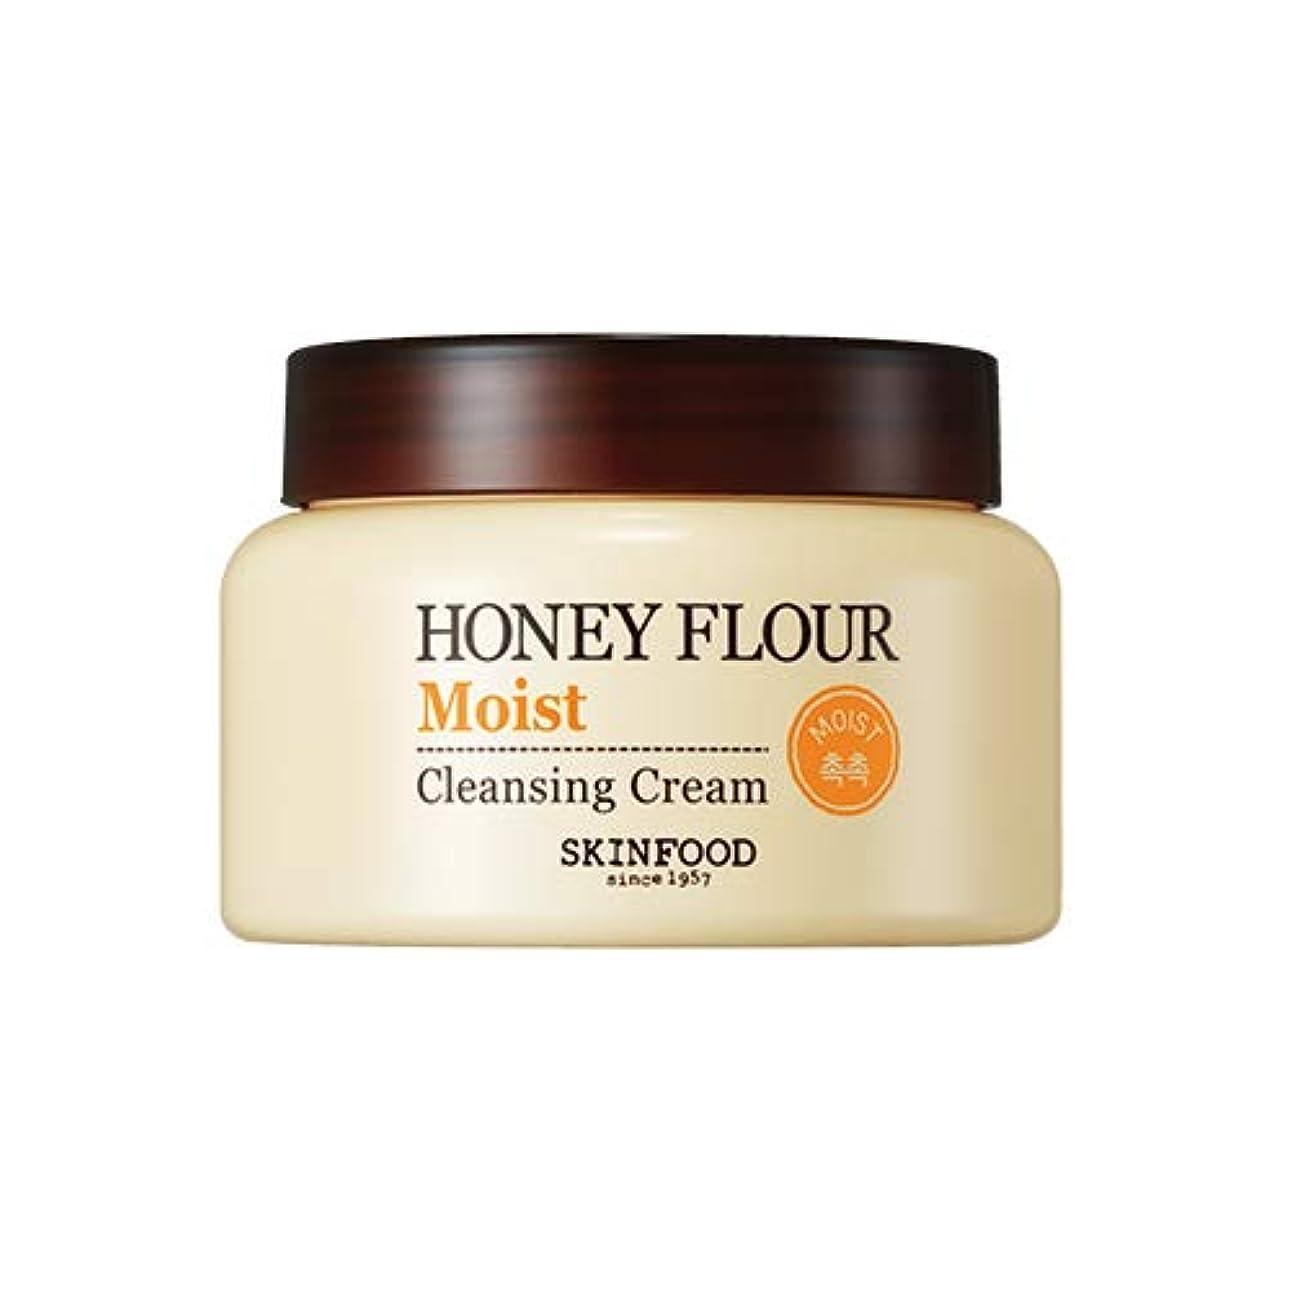 連隊贅沢なエイリアスSkinfood/Honey Flour Moist Cleansing Cream/ハニーフラワーモイストクレンジングクリーム/225ml [並行輸入品]